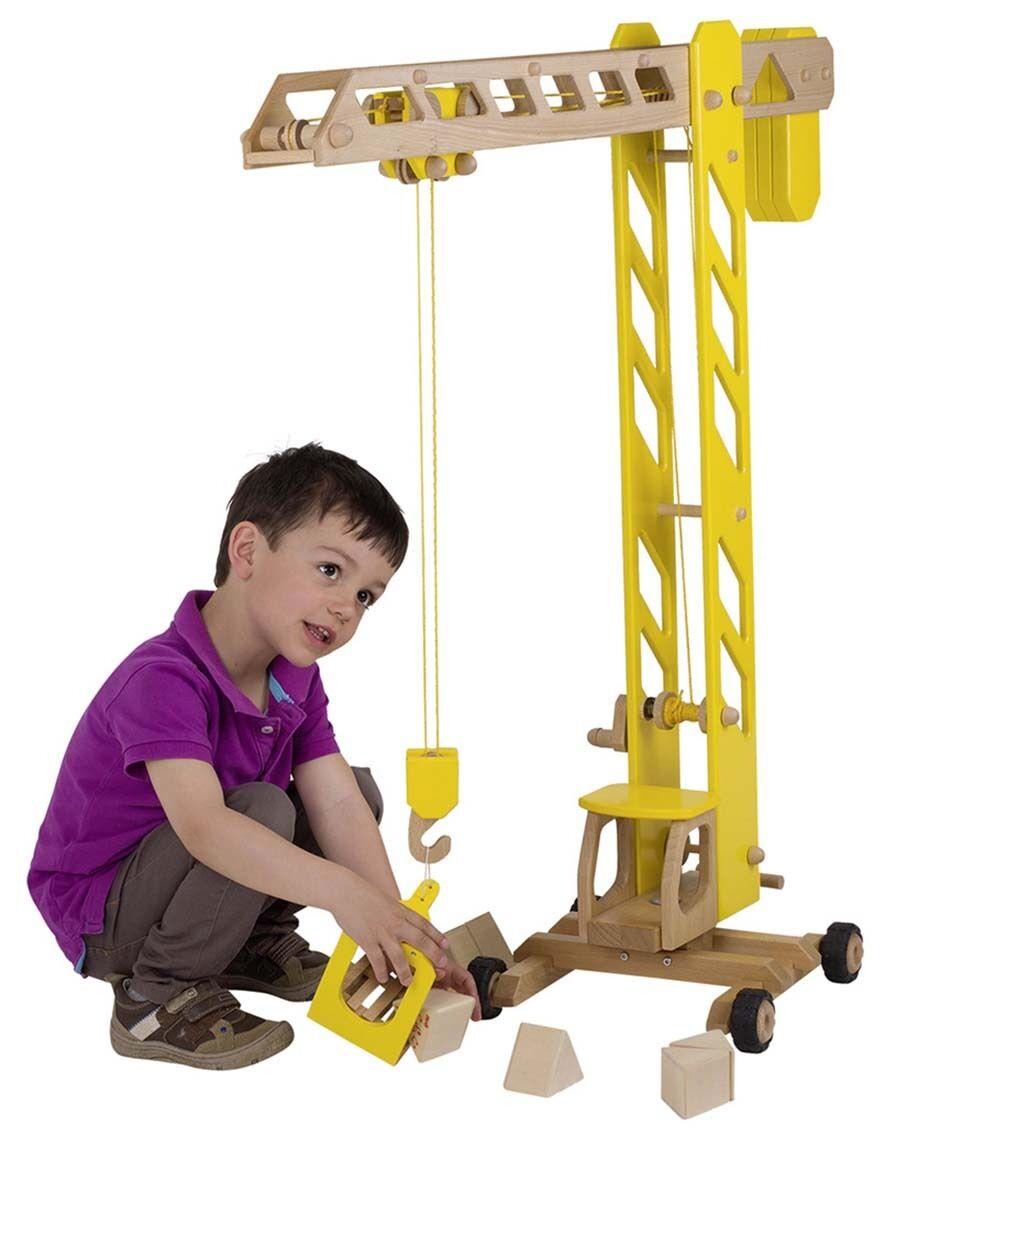 XXL Baukran Baukran Baukran gelb 1m großer Turmdrehkran Goki Kran aus Holz für Baustelle Kran c33a95